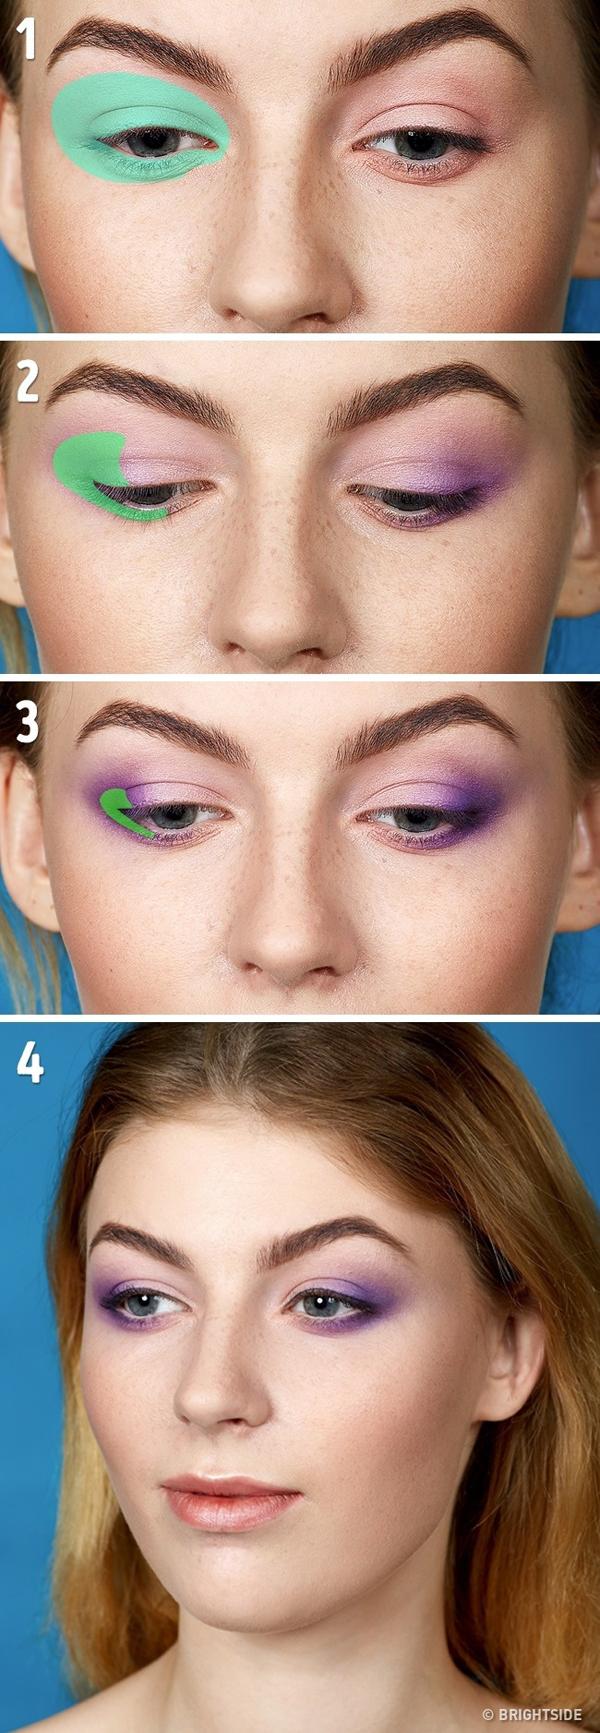 Kỹ thuật trang điểm mắt theo chiều dọc Kiểu vẽ mắt này giúp đôi mắt trông to và sáng hơn, phù hợp với những nàng có đôi mắt nhỏ hay mắt một mí.